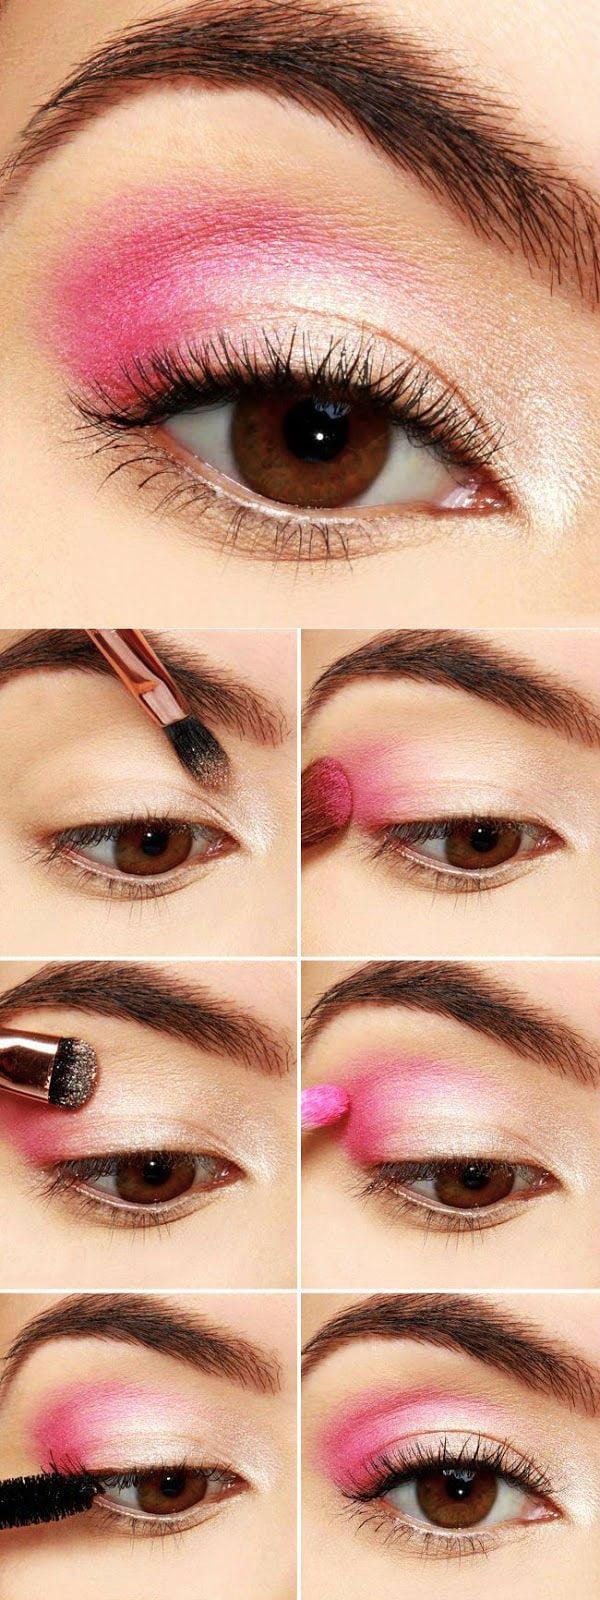 rosa al natural tutorial de maquillaje de ojos